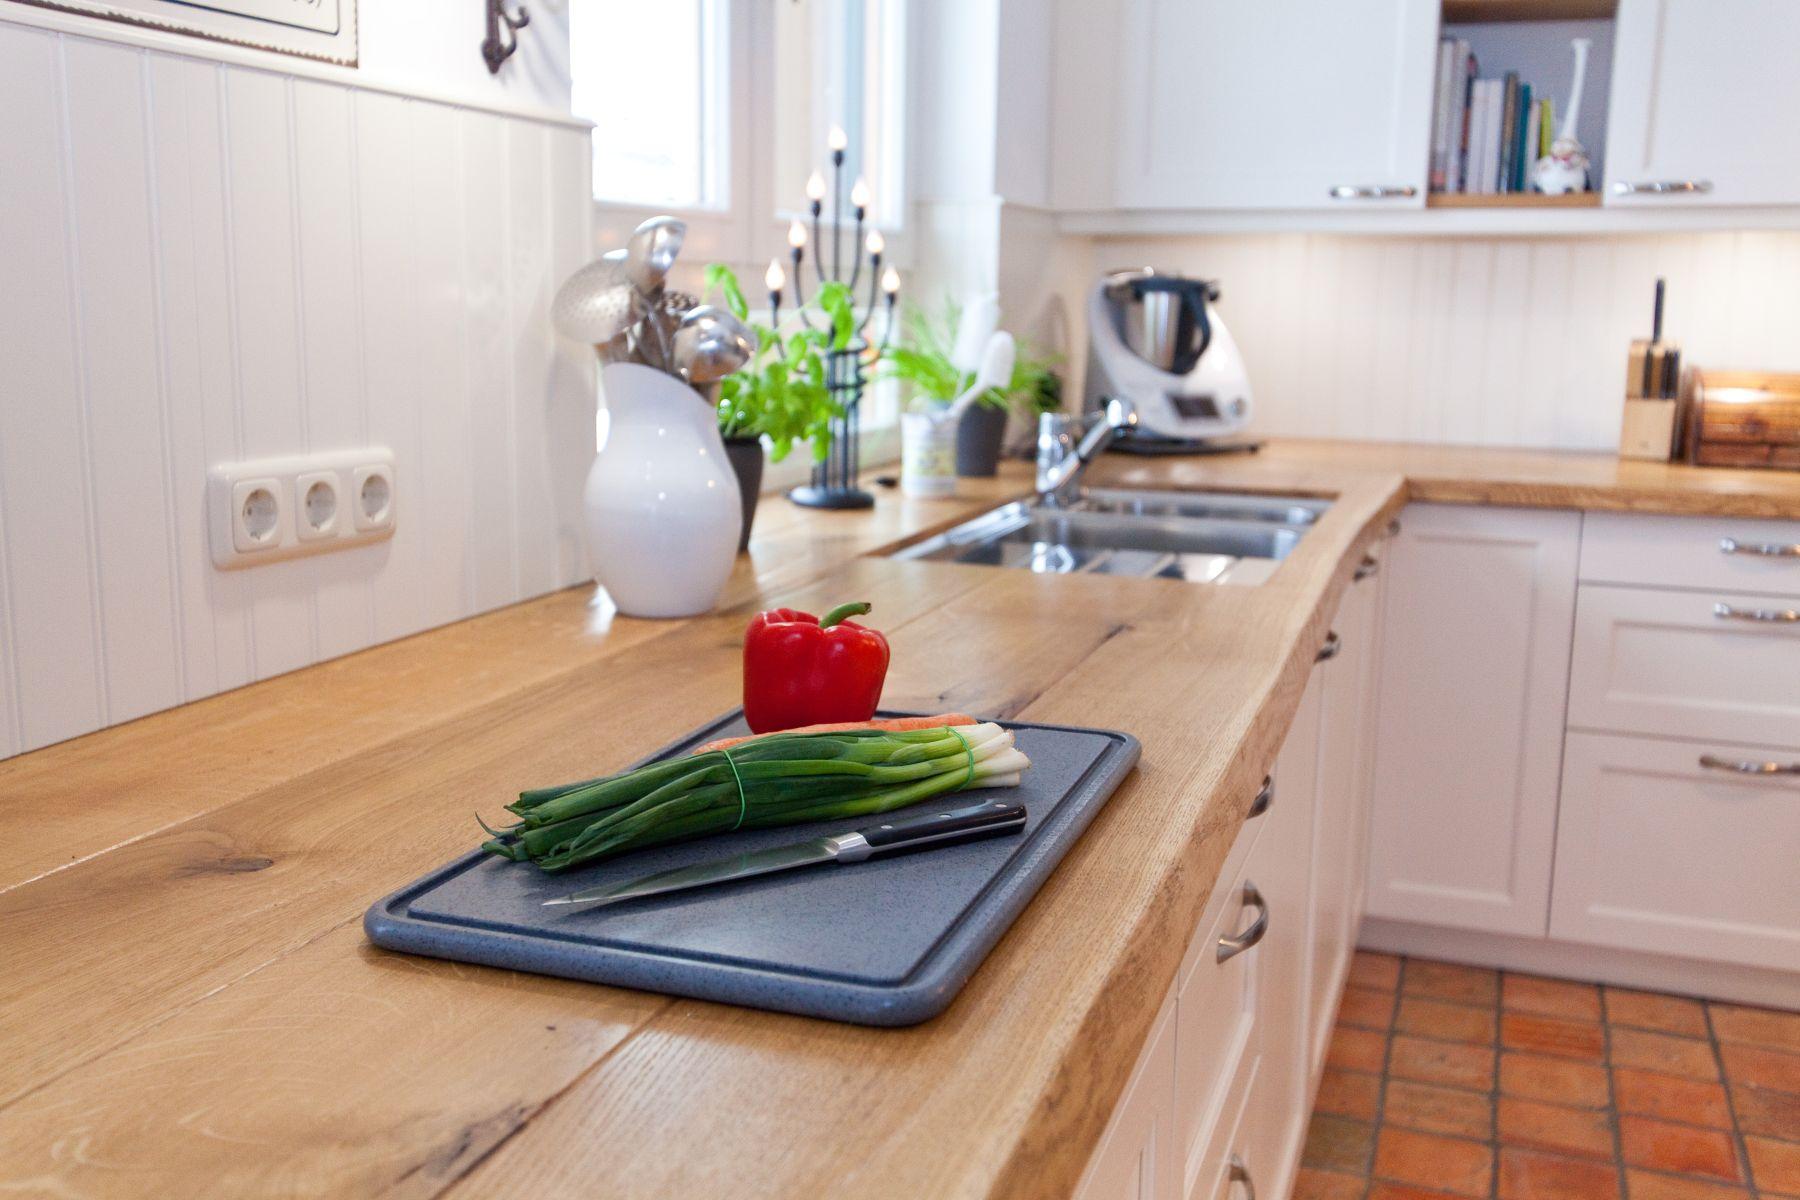 massivholz- & echtholz-arbeitsplatten in der küche - küchenhaus